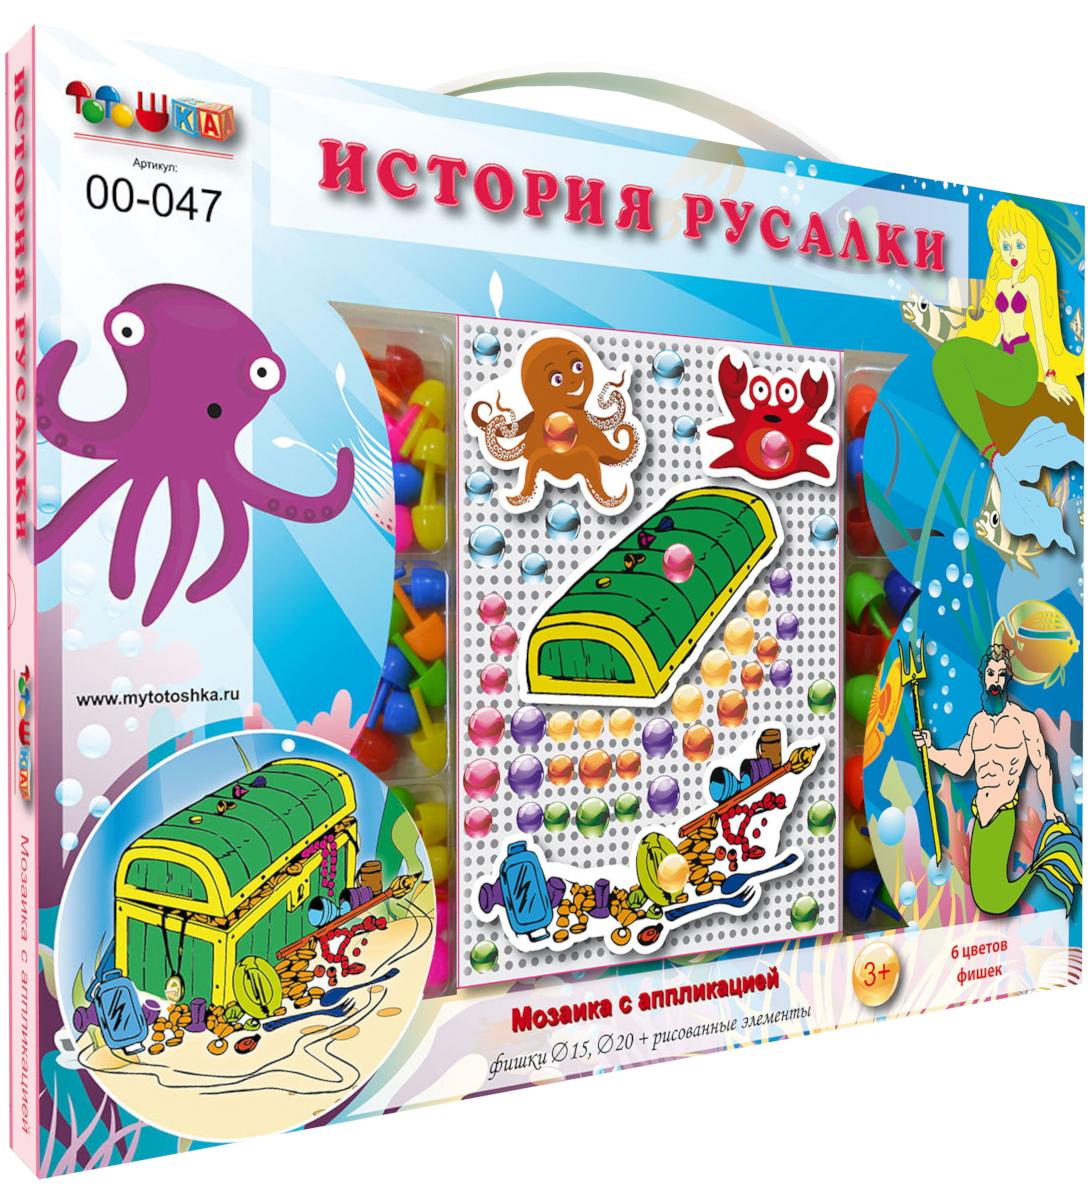 Тотошка Мозаика История Русалкитт00-047Мозаика – дает возможность вашему ребенку выложить яркую картинку. Играя в мозаику, ваш малыш разовьет мелкую моторику рук, фантазию, творческие навыки и логическое мышление. Все элементы игры изготовлены из, высококачественных материалов, абсолютно безопасных для здоровья ребенка.